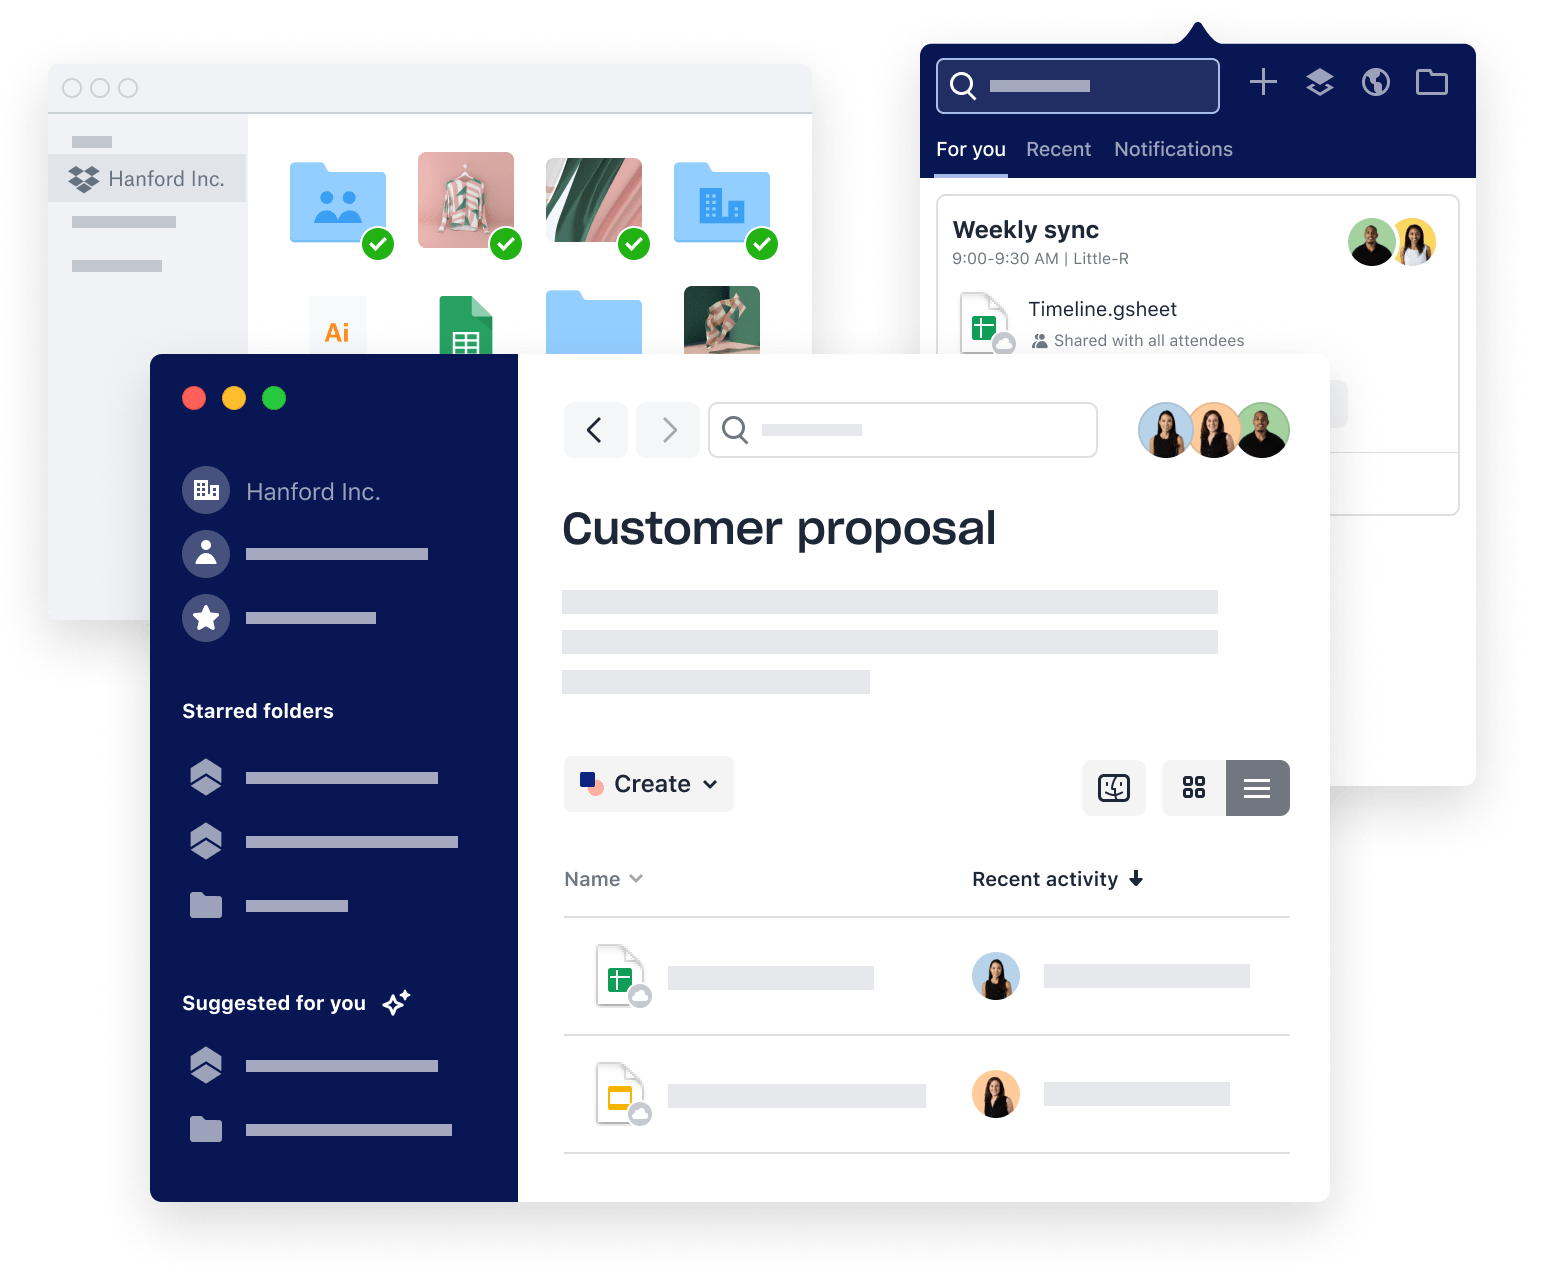 2A_BeOrganized_desktop-app-experience-en_GB@2x